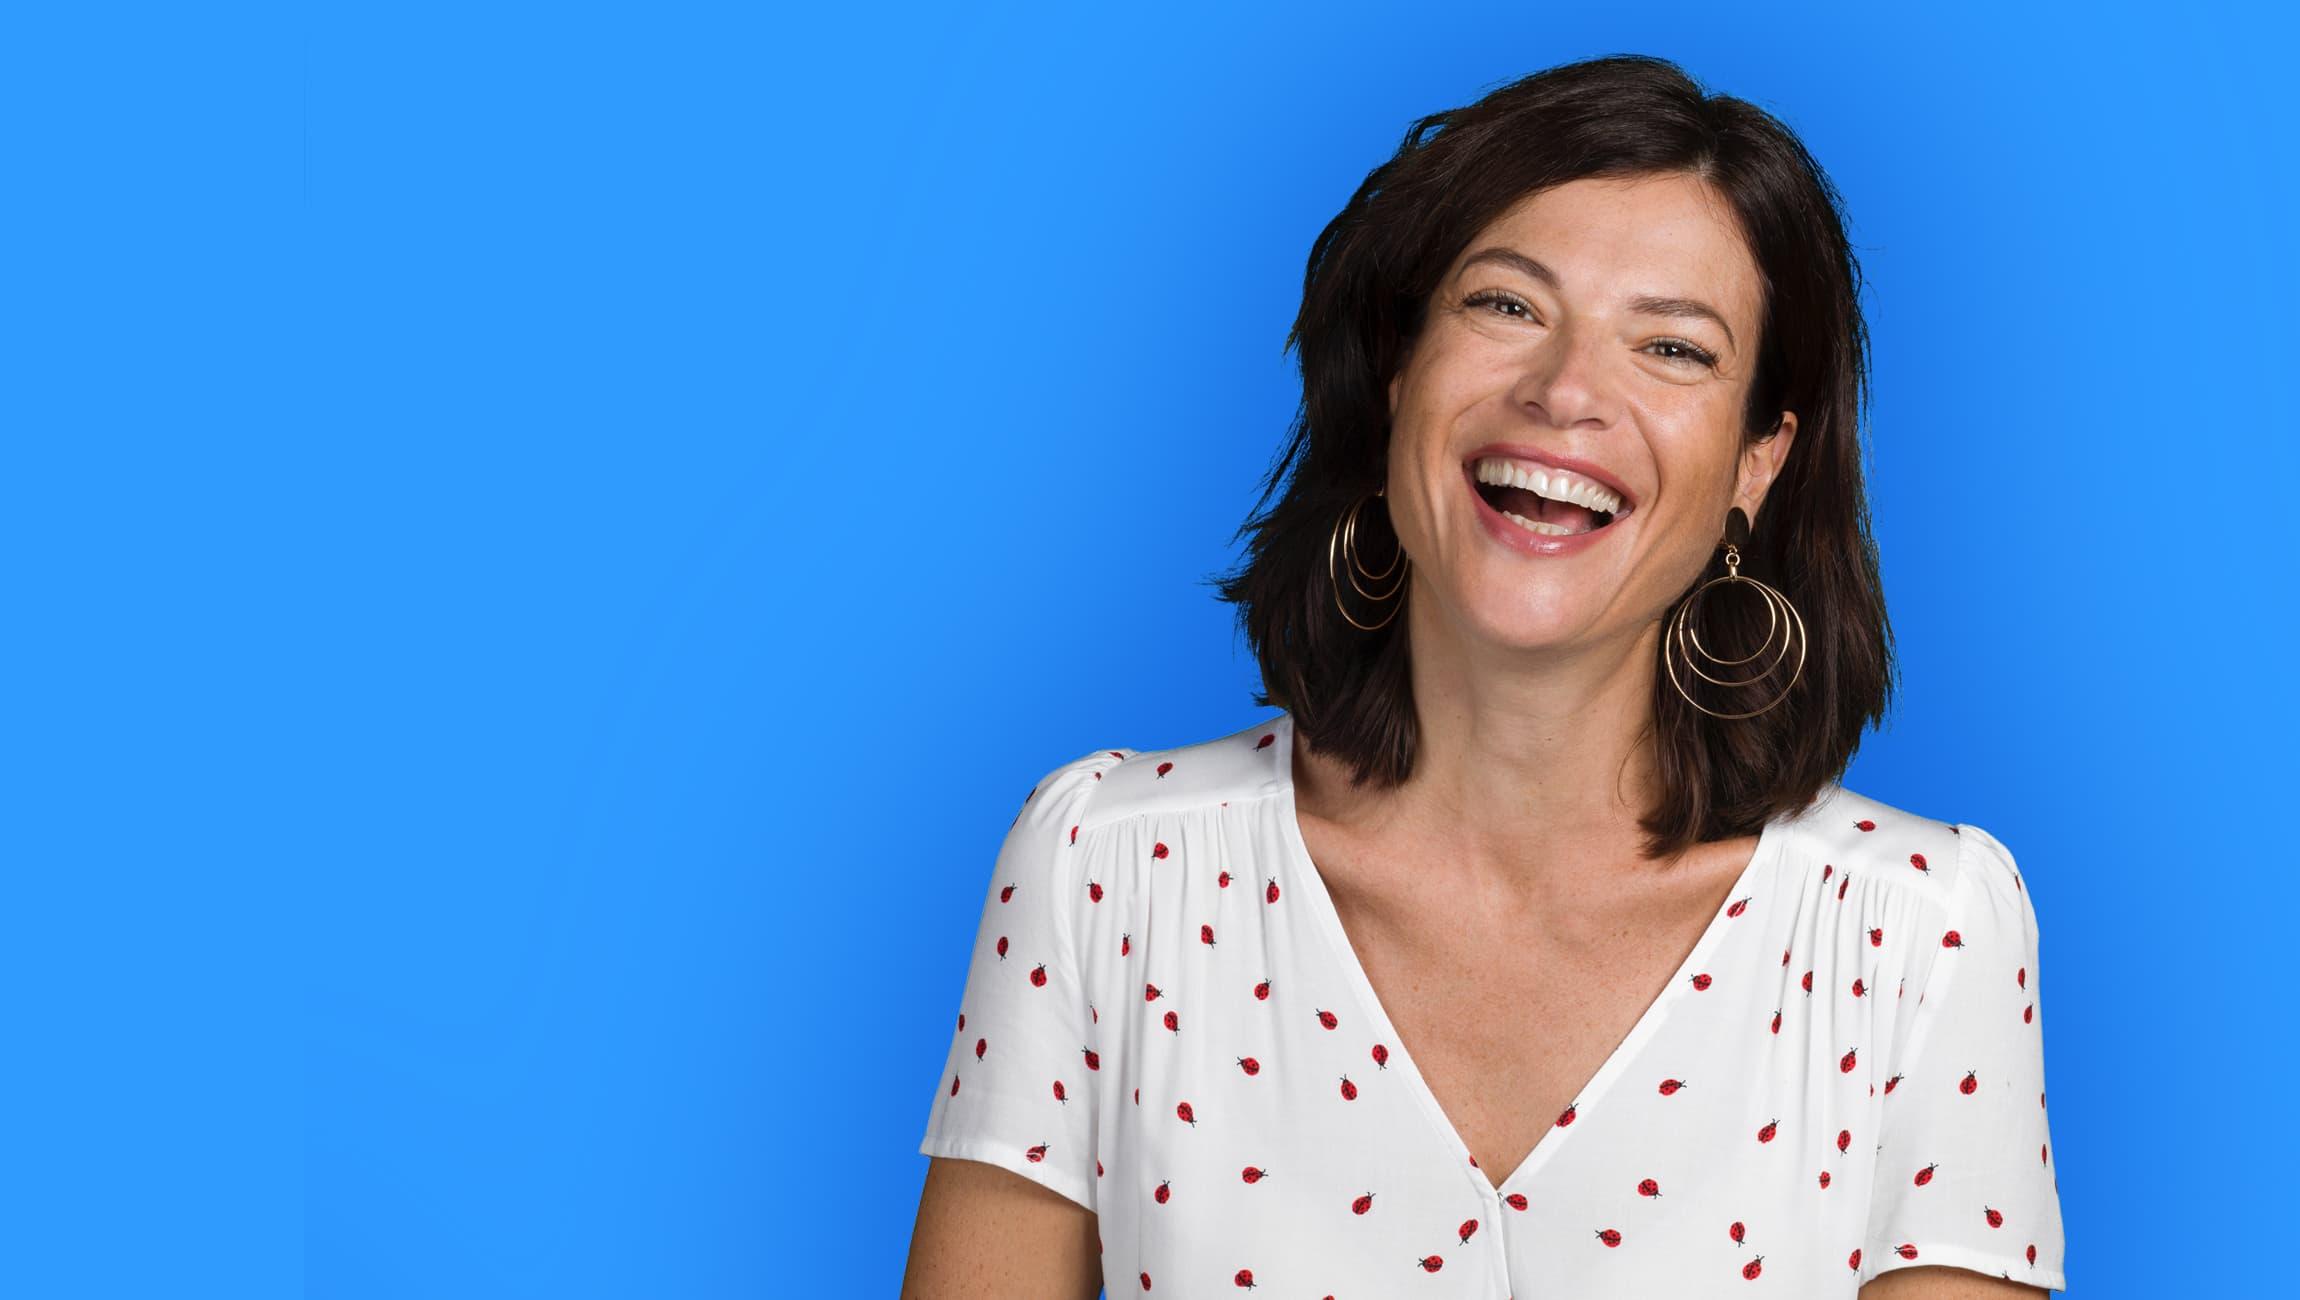 Lachende Frau in einem weissen Kleid mit Muster